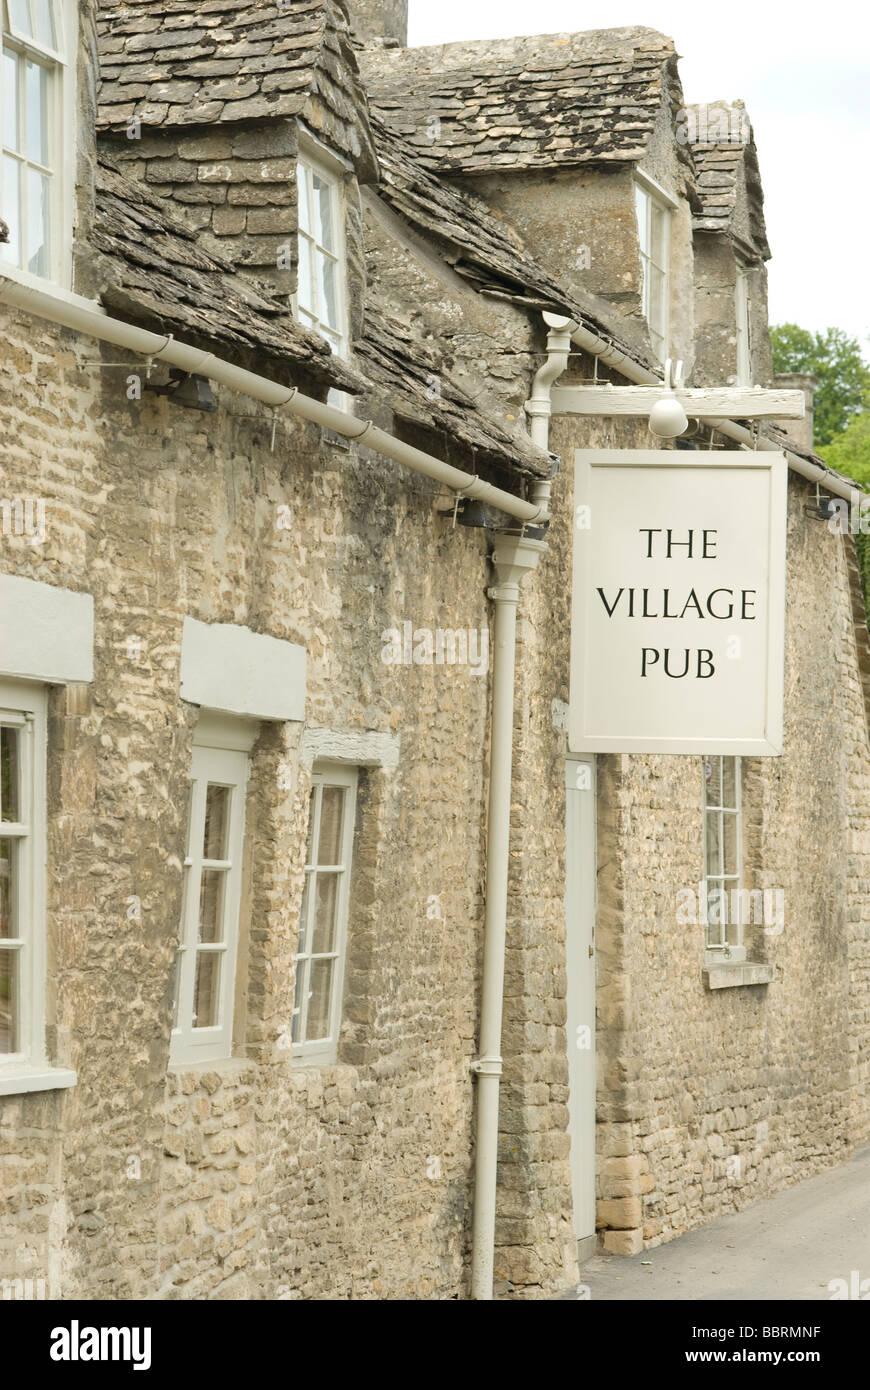 The Village Pub, Barnsley, Gloucestershire - Stock Image